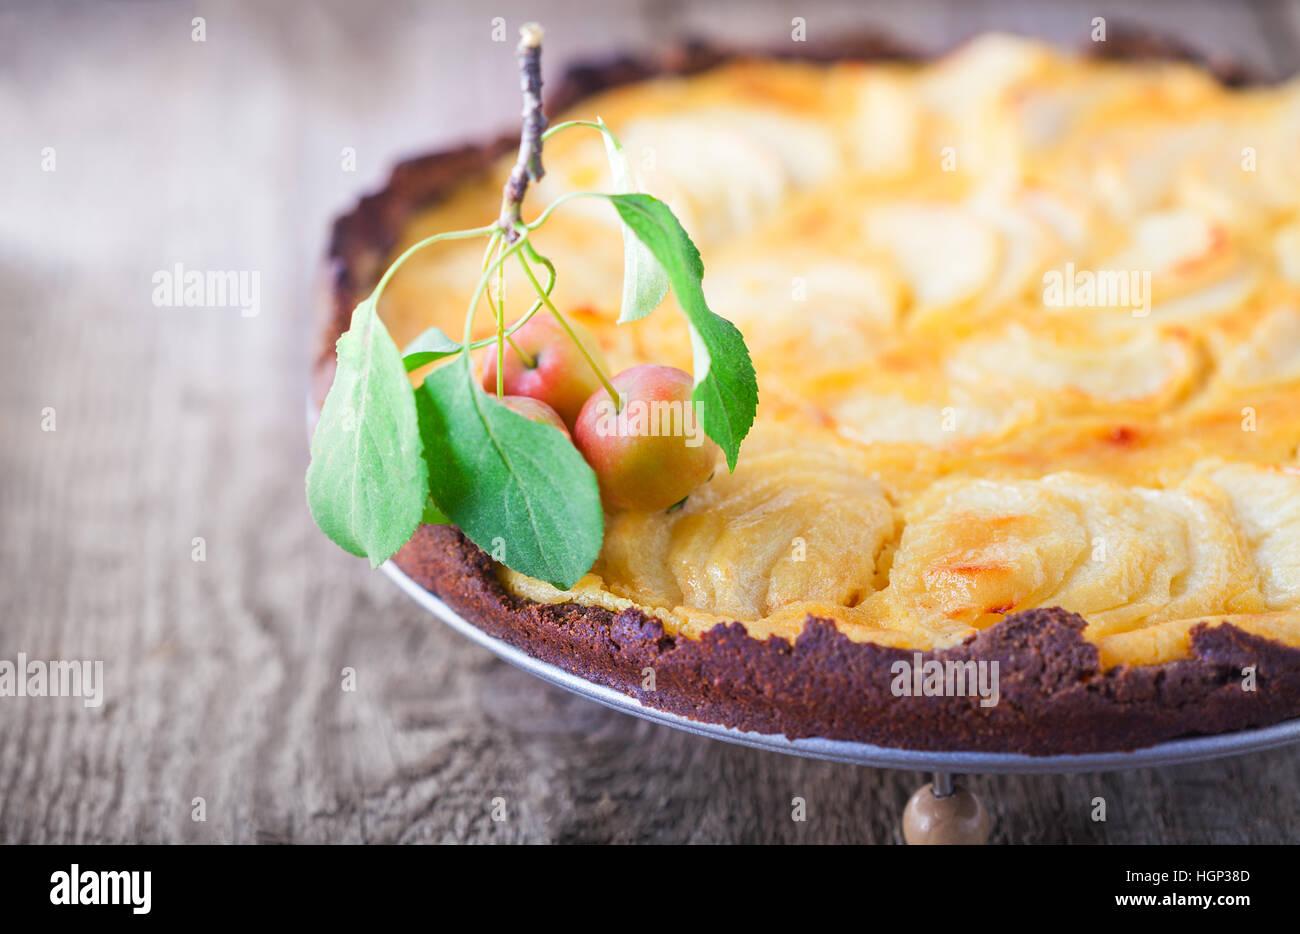 Apple pie with custard on wooden table. Gluten free. - Stock Image